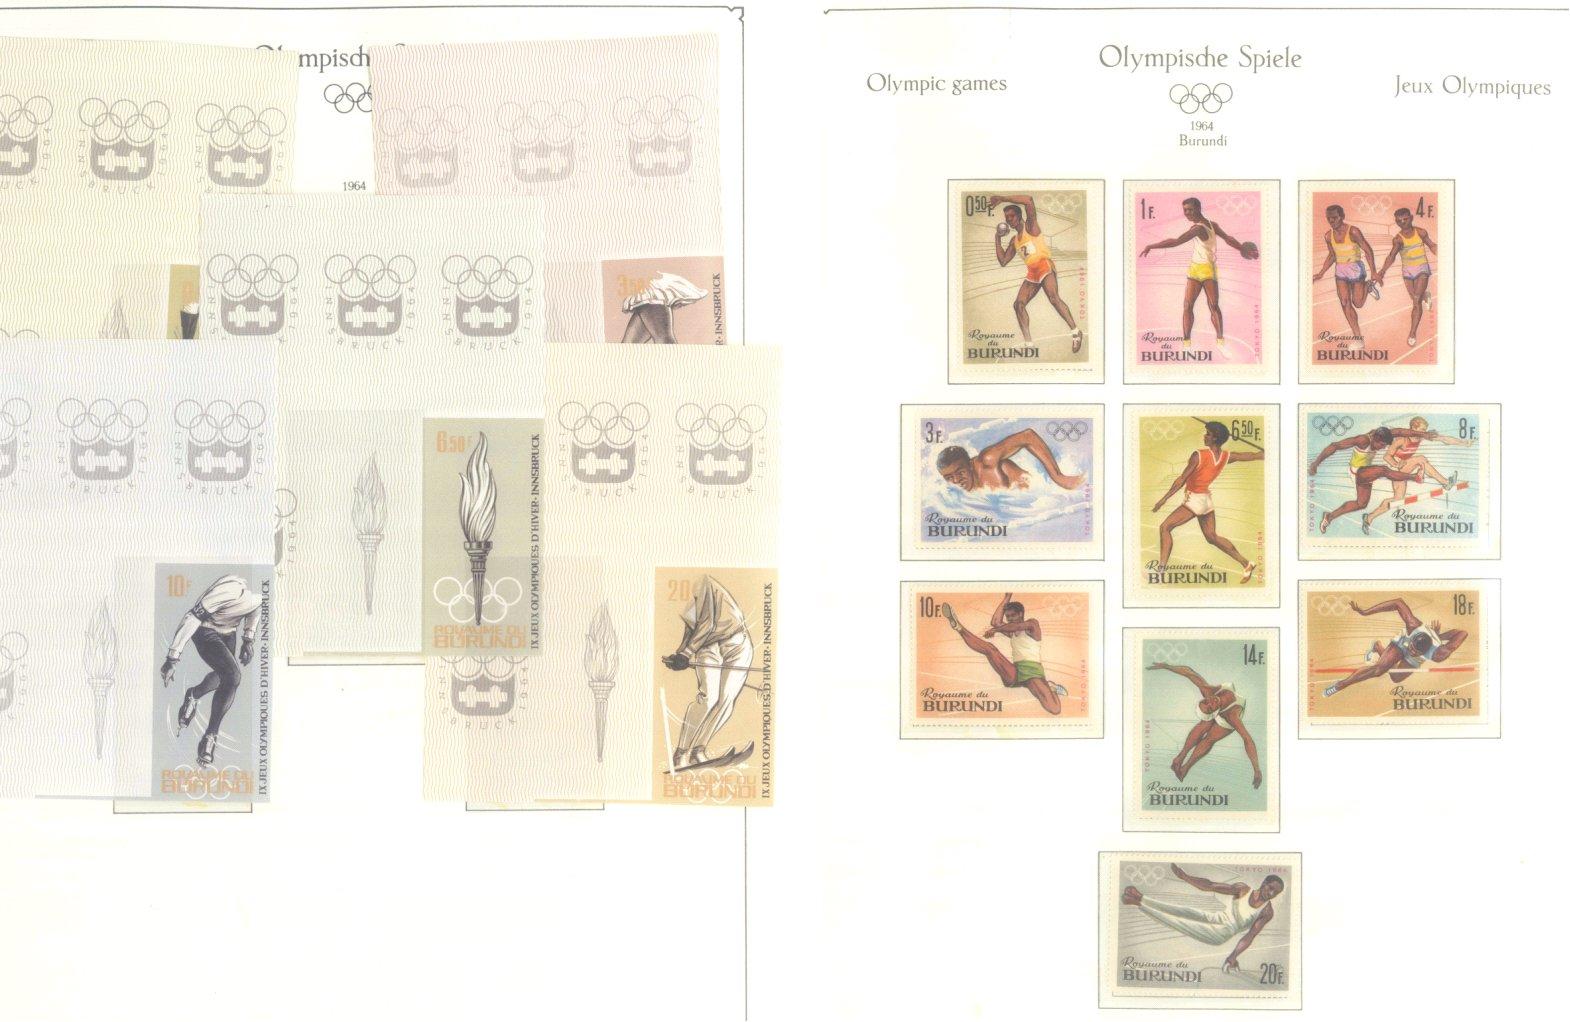 OLYMPISCHE SPIELE 1964 TOKIO, postfrische Sammlung Teil 1-3